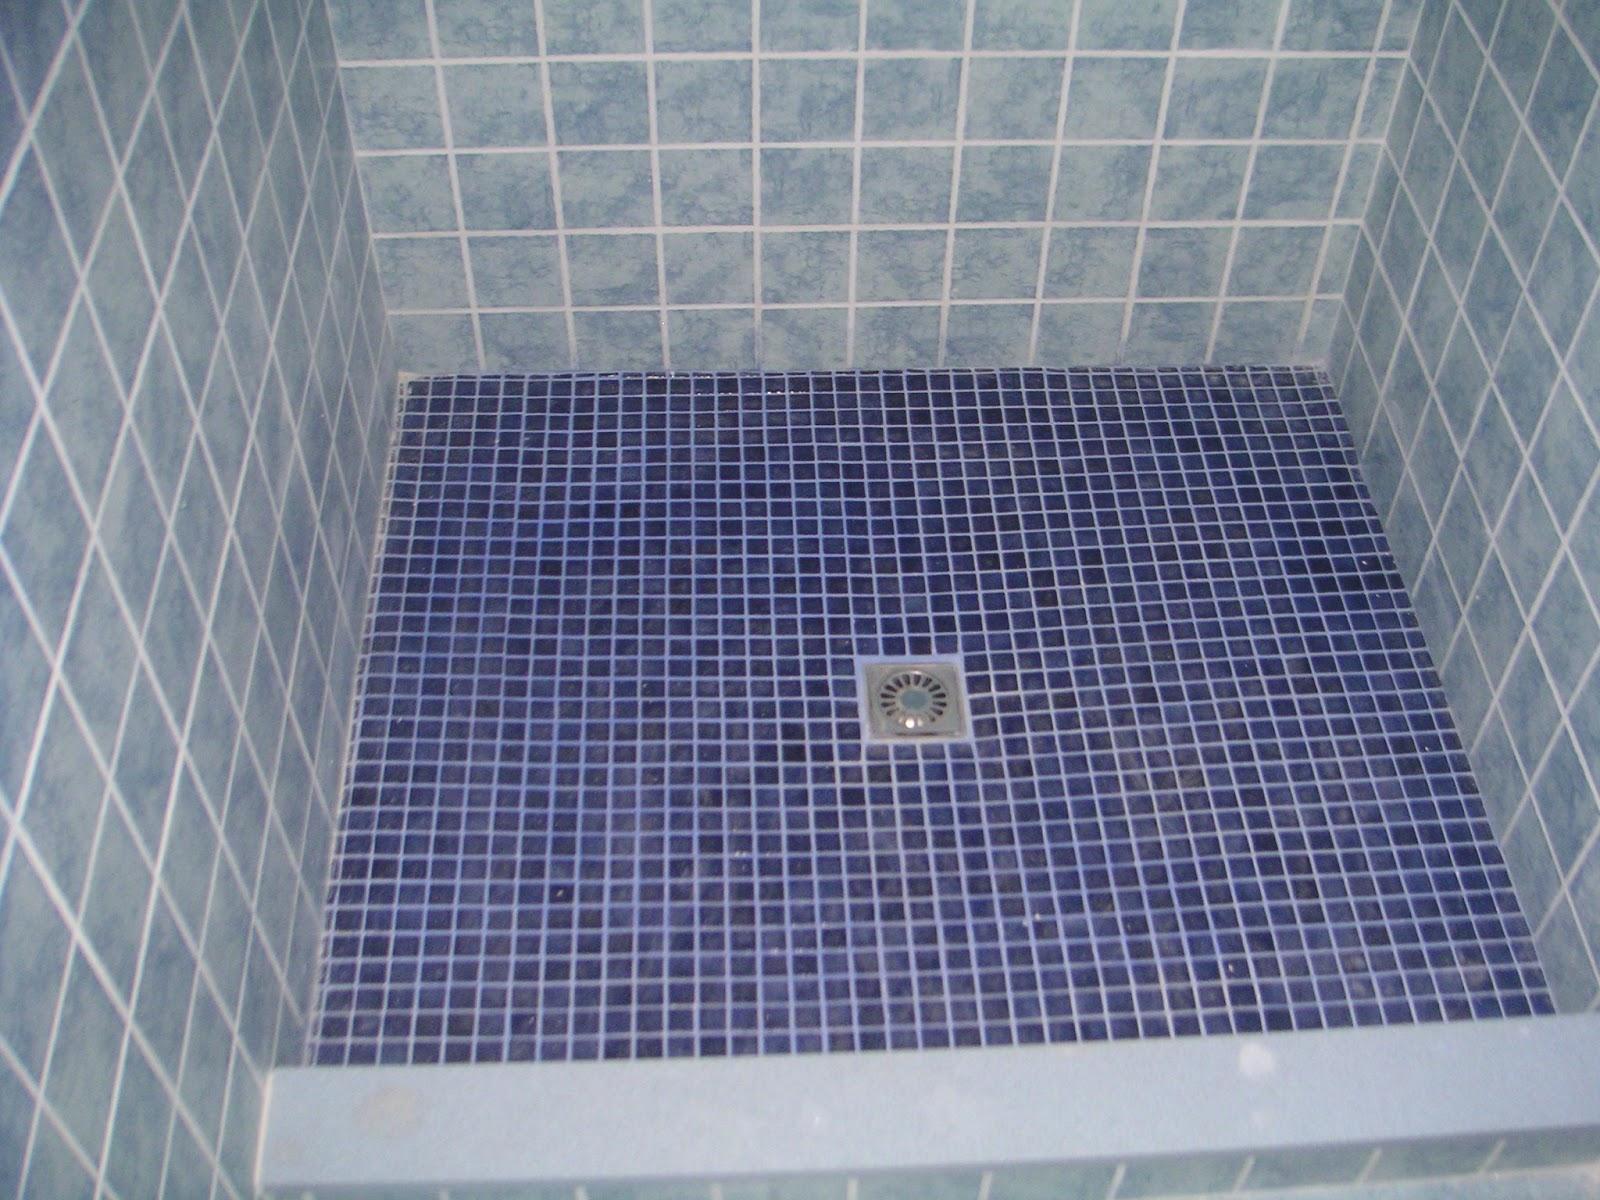 Baños Duchas Gresite:El baño se hizo completamente nuevoUn plato de ducha de gresite